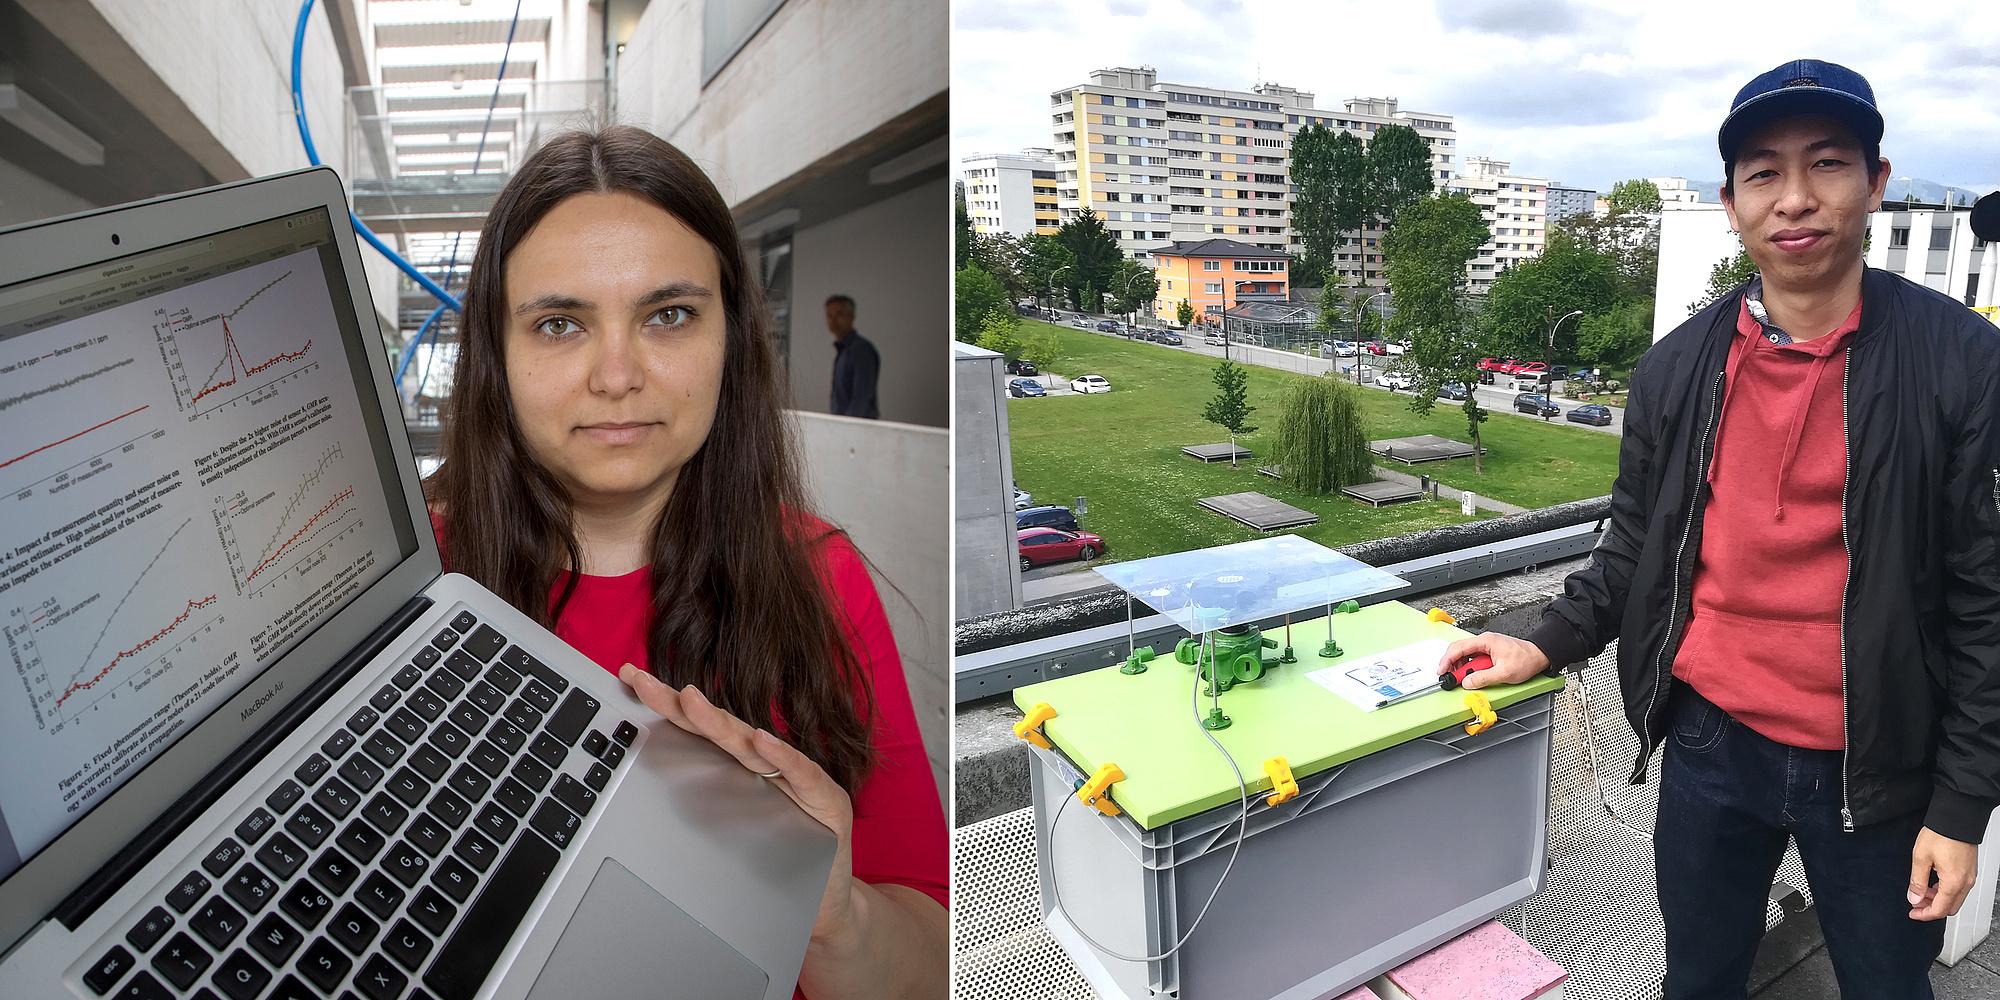 Frau mit Notebook und Mann technischem Gerät